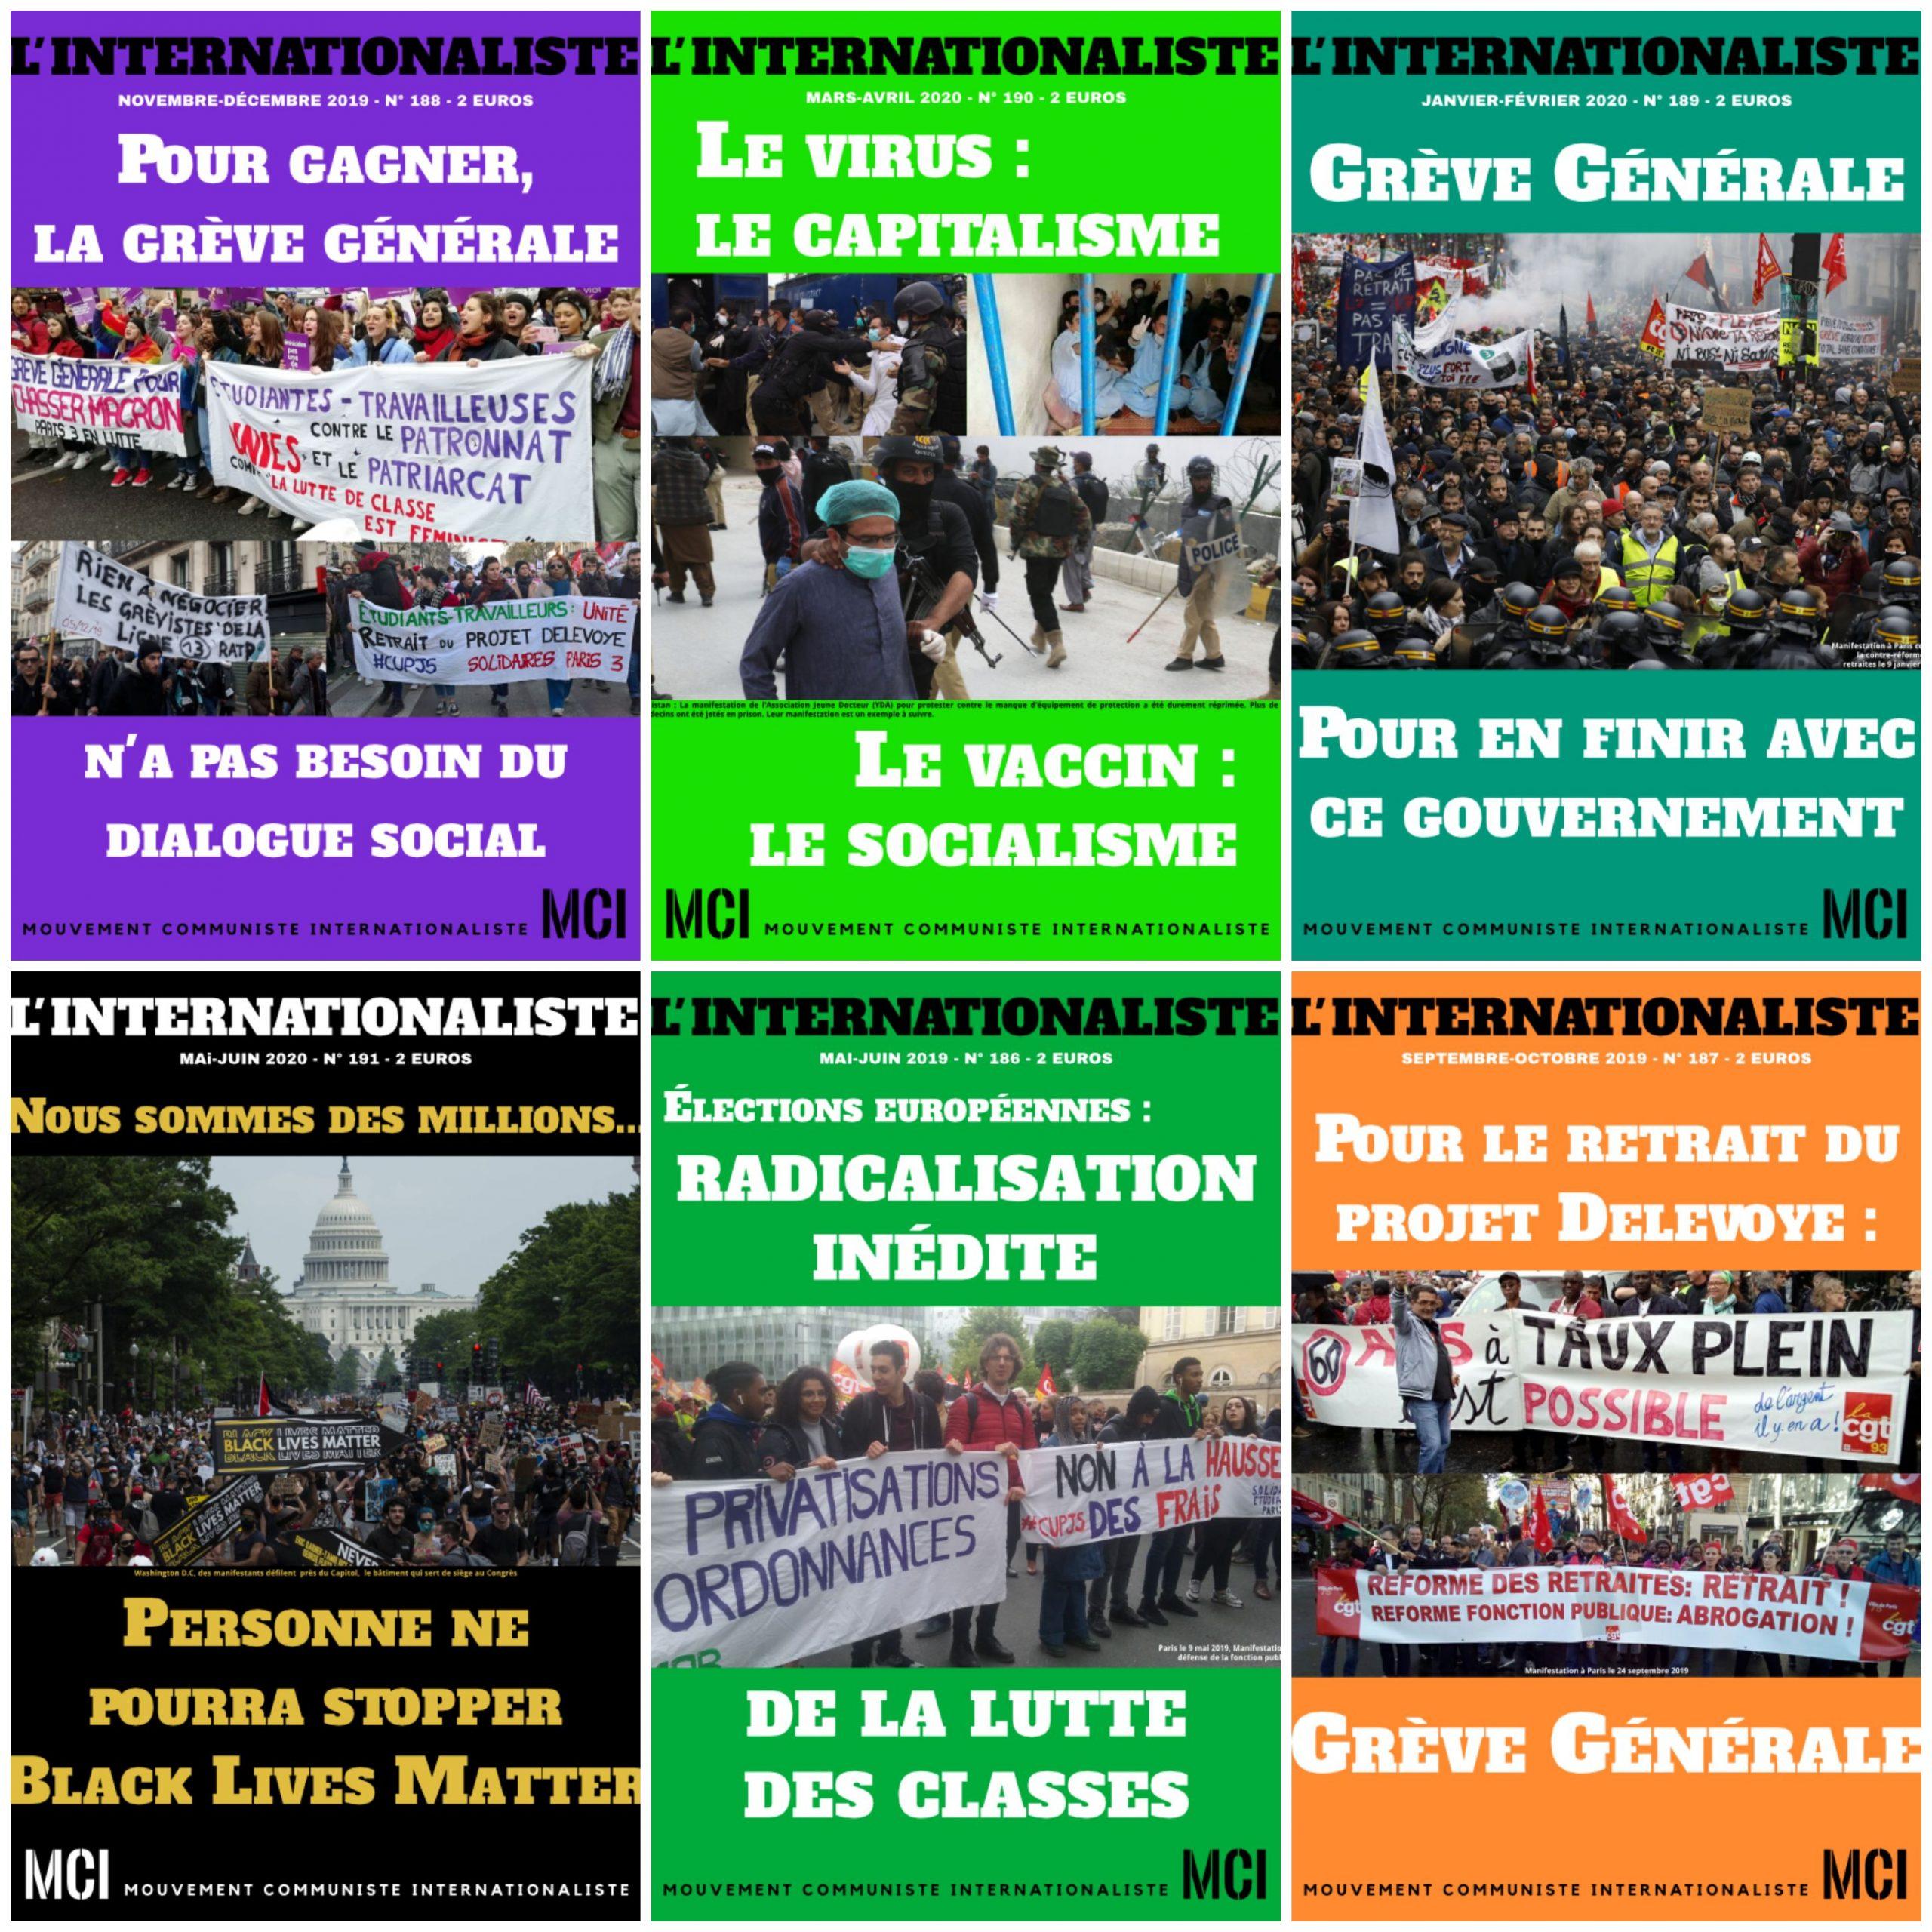 Soutenez le MCI, abonnez-vous à la formule PDF de L'Internationaliste en nous écrivant